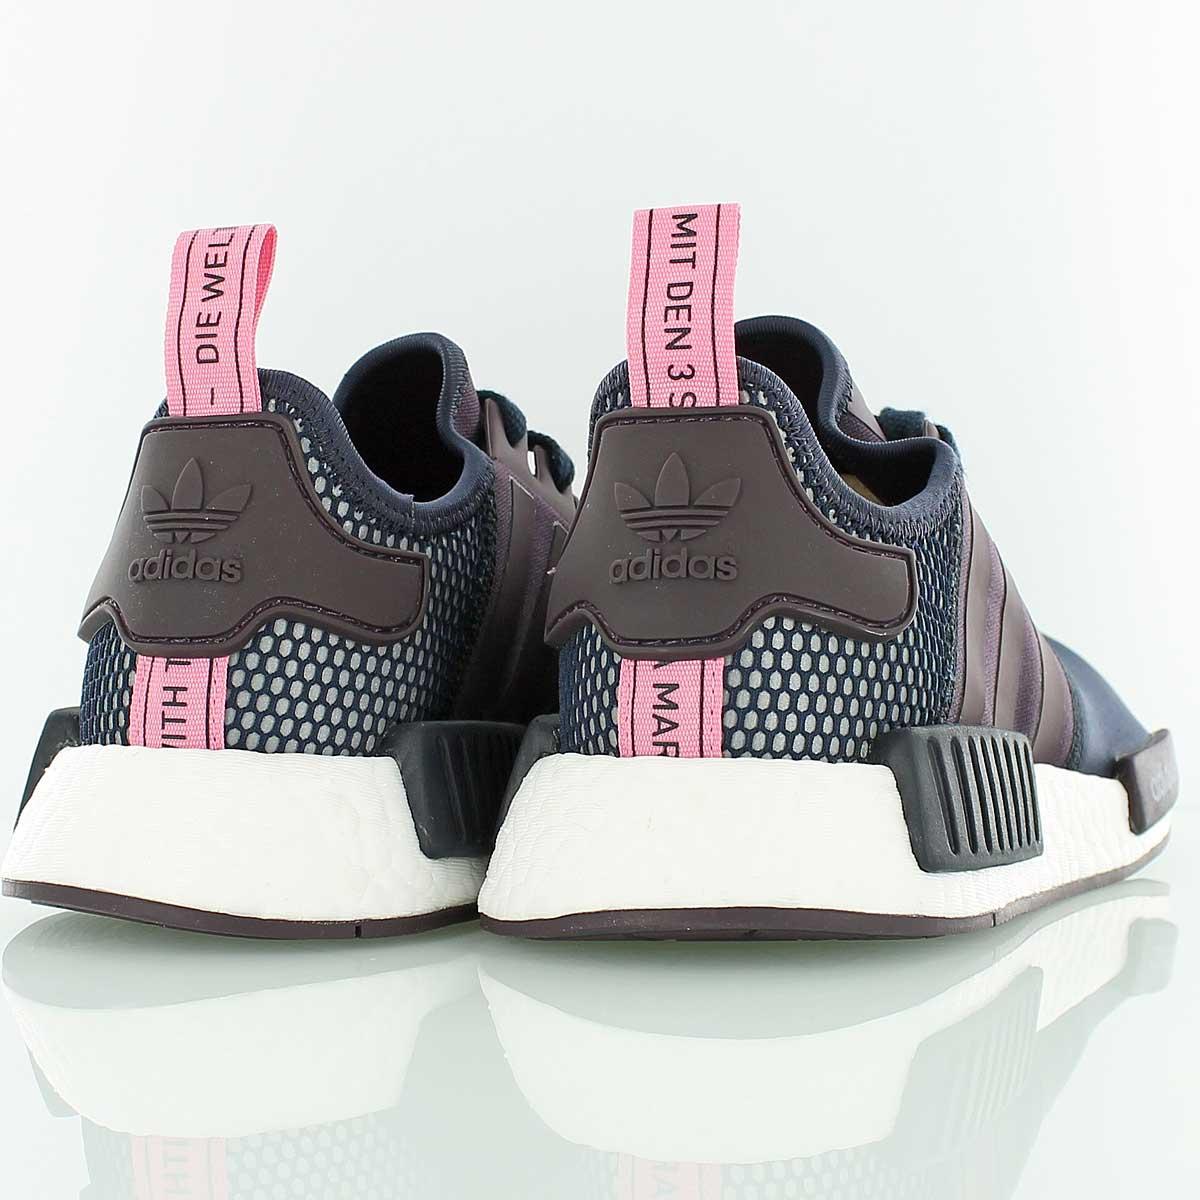 100% Authentique chaussure adidas nmd femme Outlet en ligne